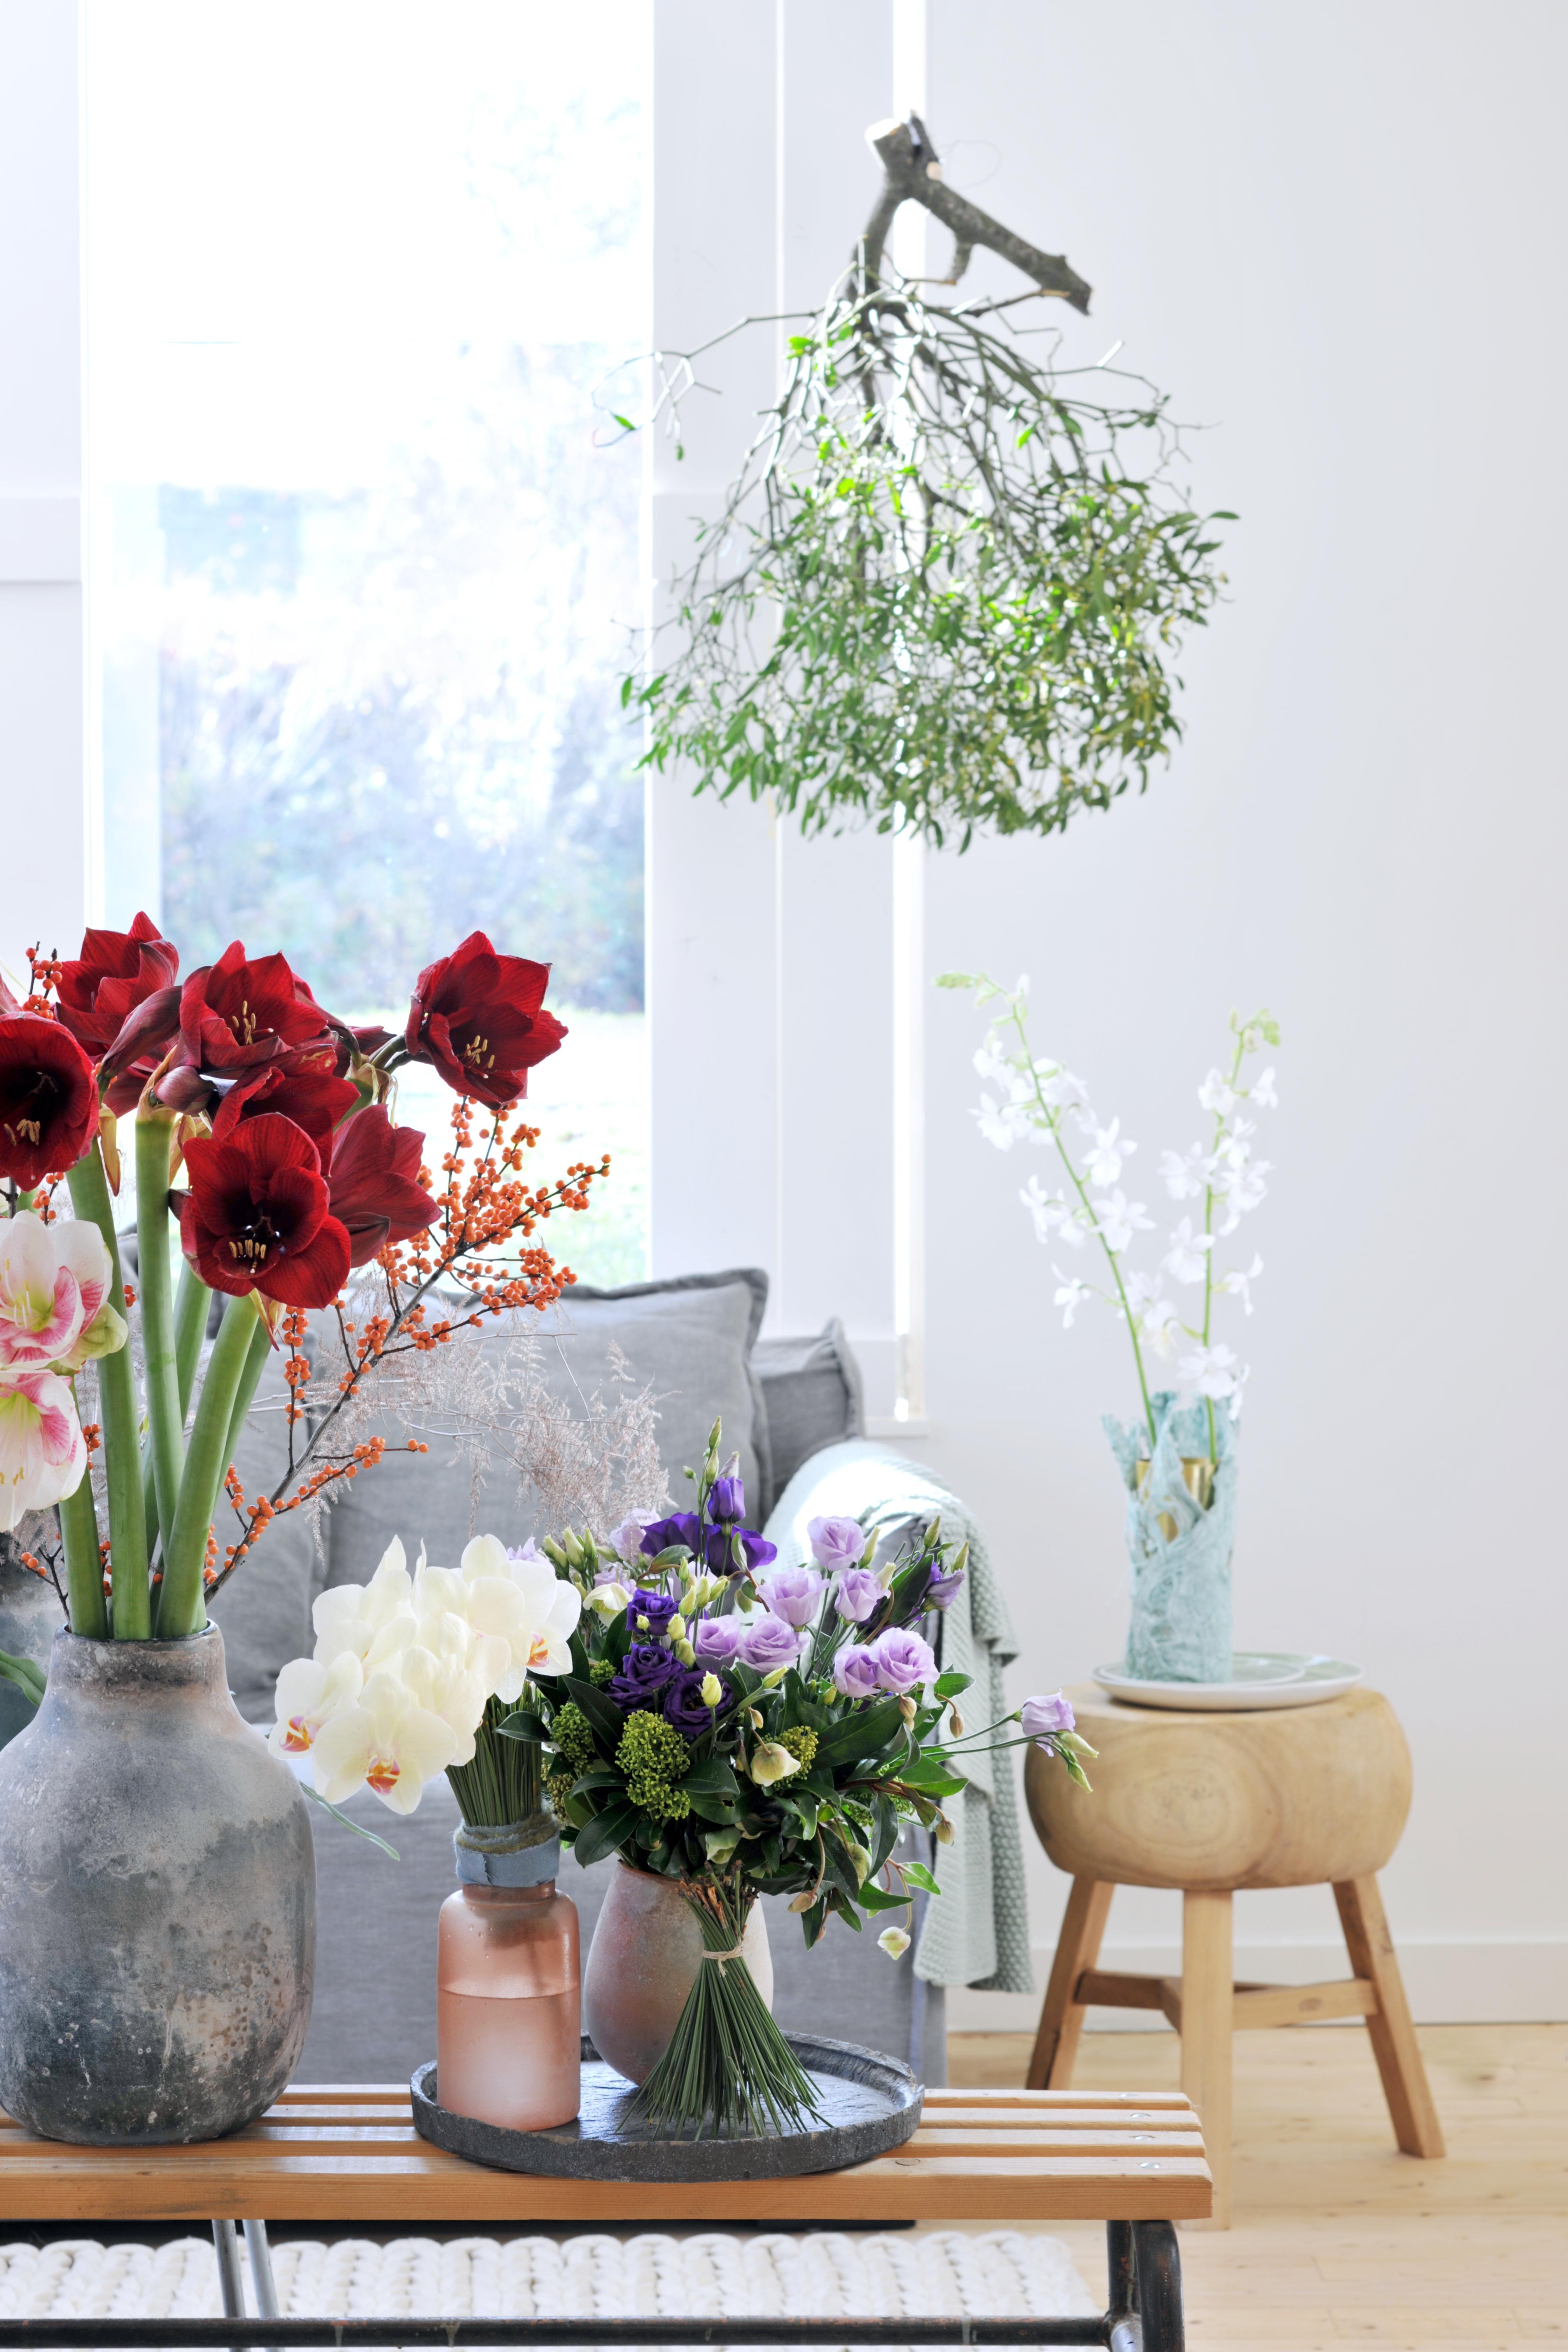 satte farbenpracht zum winterlichen interieur weihnachtliches arrangement aus amaryllis. Black Bedroom Furniture Sets. Home Design Ideas